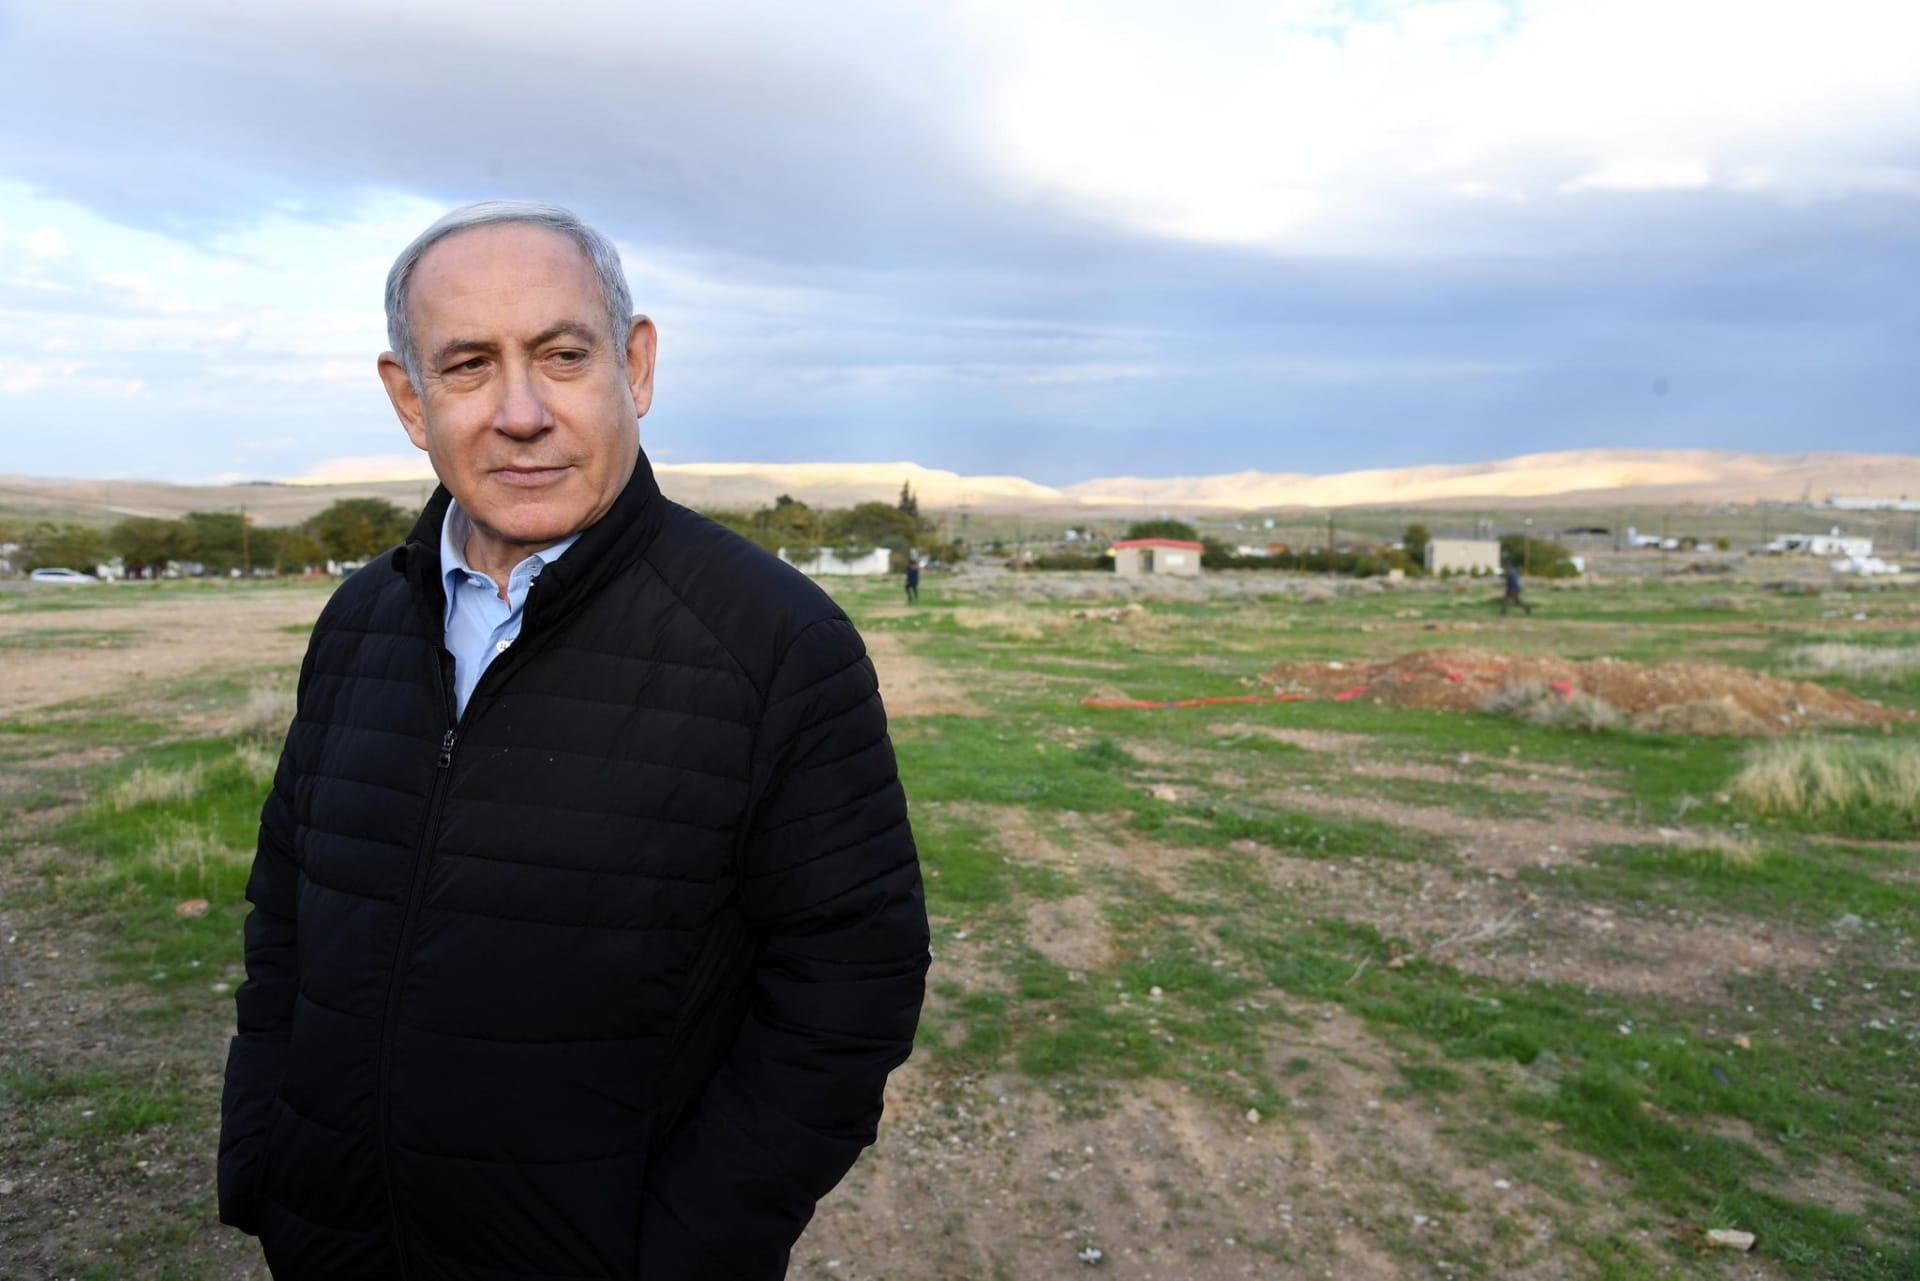 """نتنياهو يزرع شجرة في وادي الأردن قبيل """"إعلان غير مسبوق"""" بضمه للسيادة الإسرائيلية"""